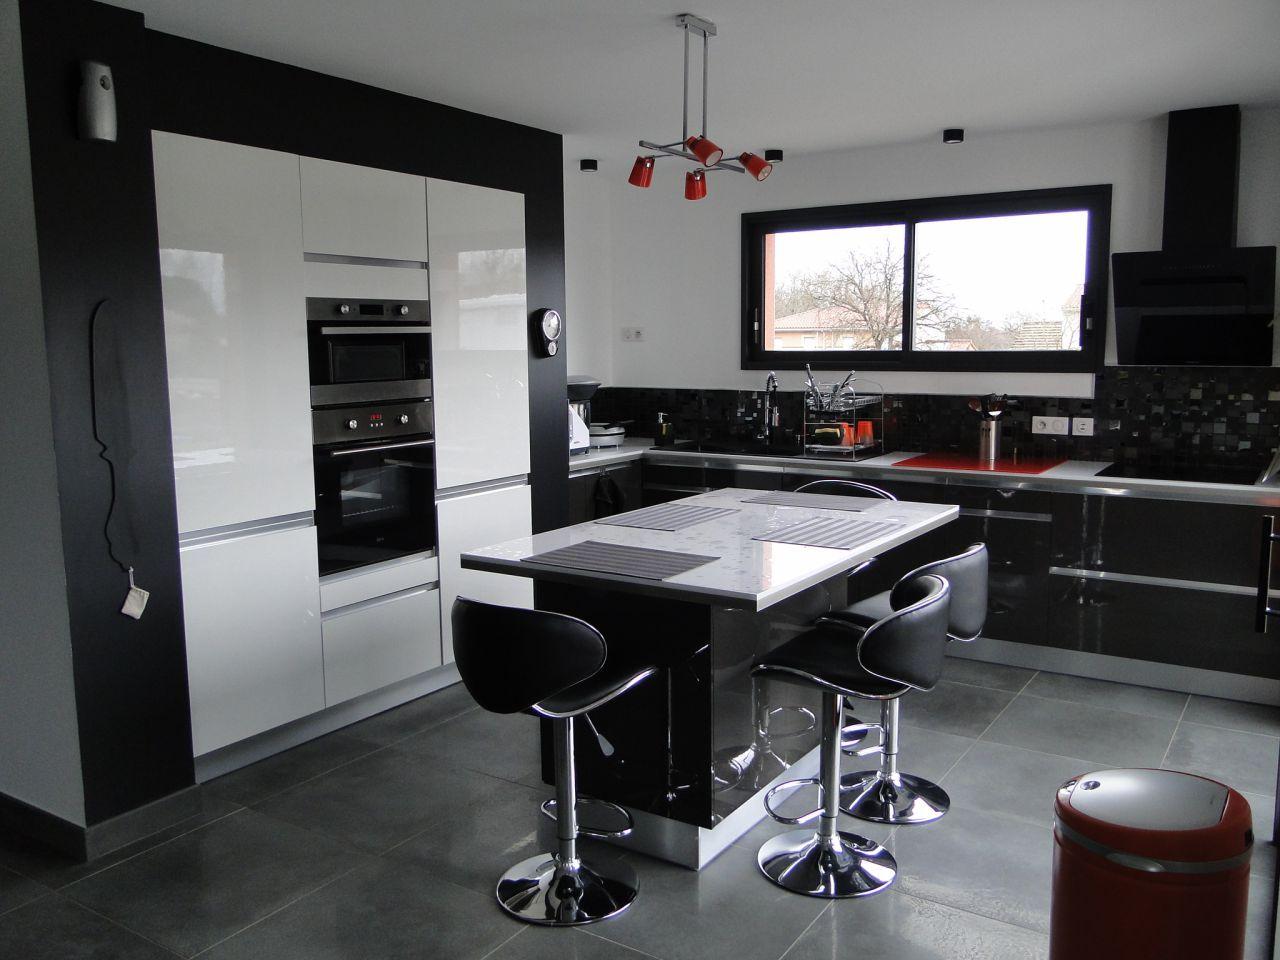 Cuisine achev e maison tage dans le 31 par martine31 sur cuisines - Cuisine de 16m2 ...